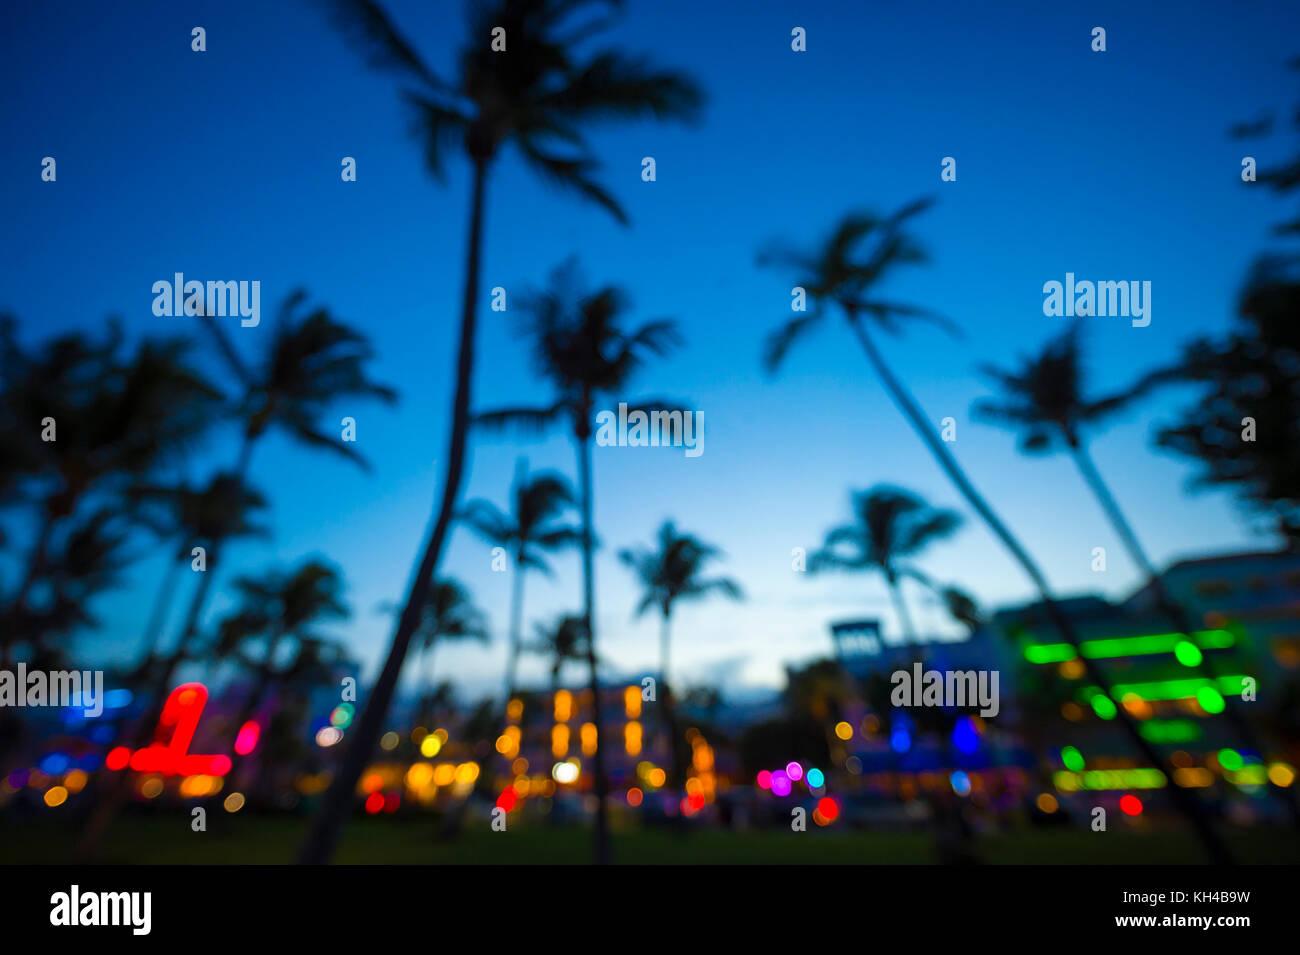 Defokussierten Sicht in der Dämmerung von Palmen und Neonlicht des Ocean Drive in South Beach, Miami, Florida. Stockfoto